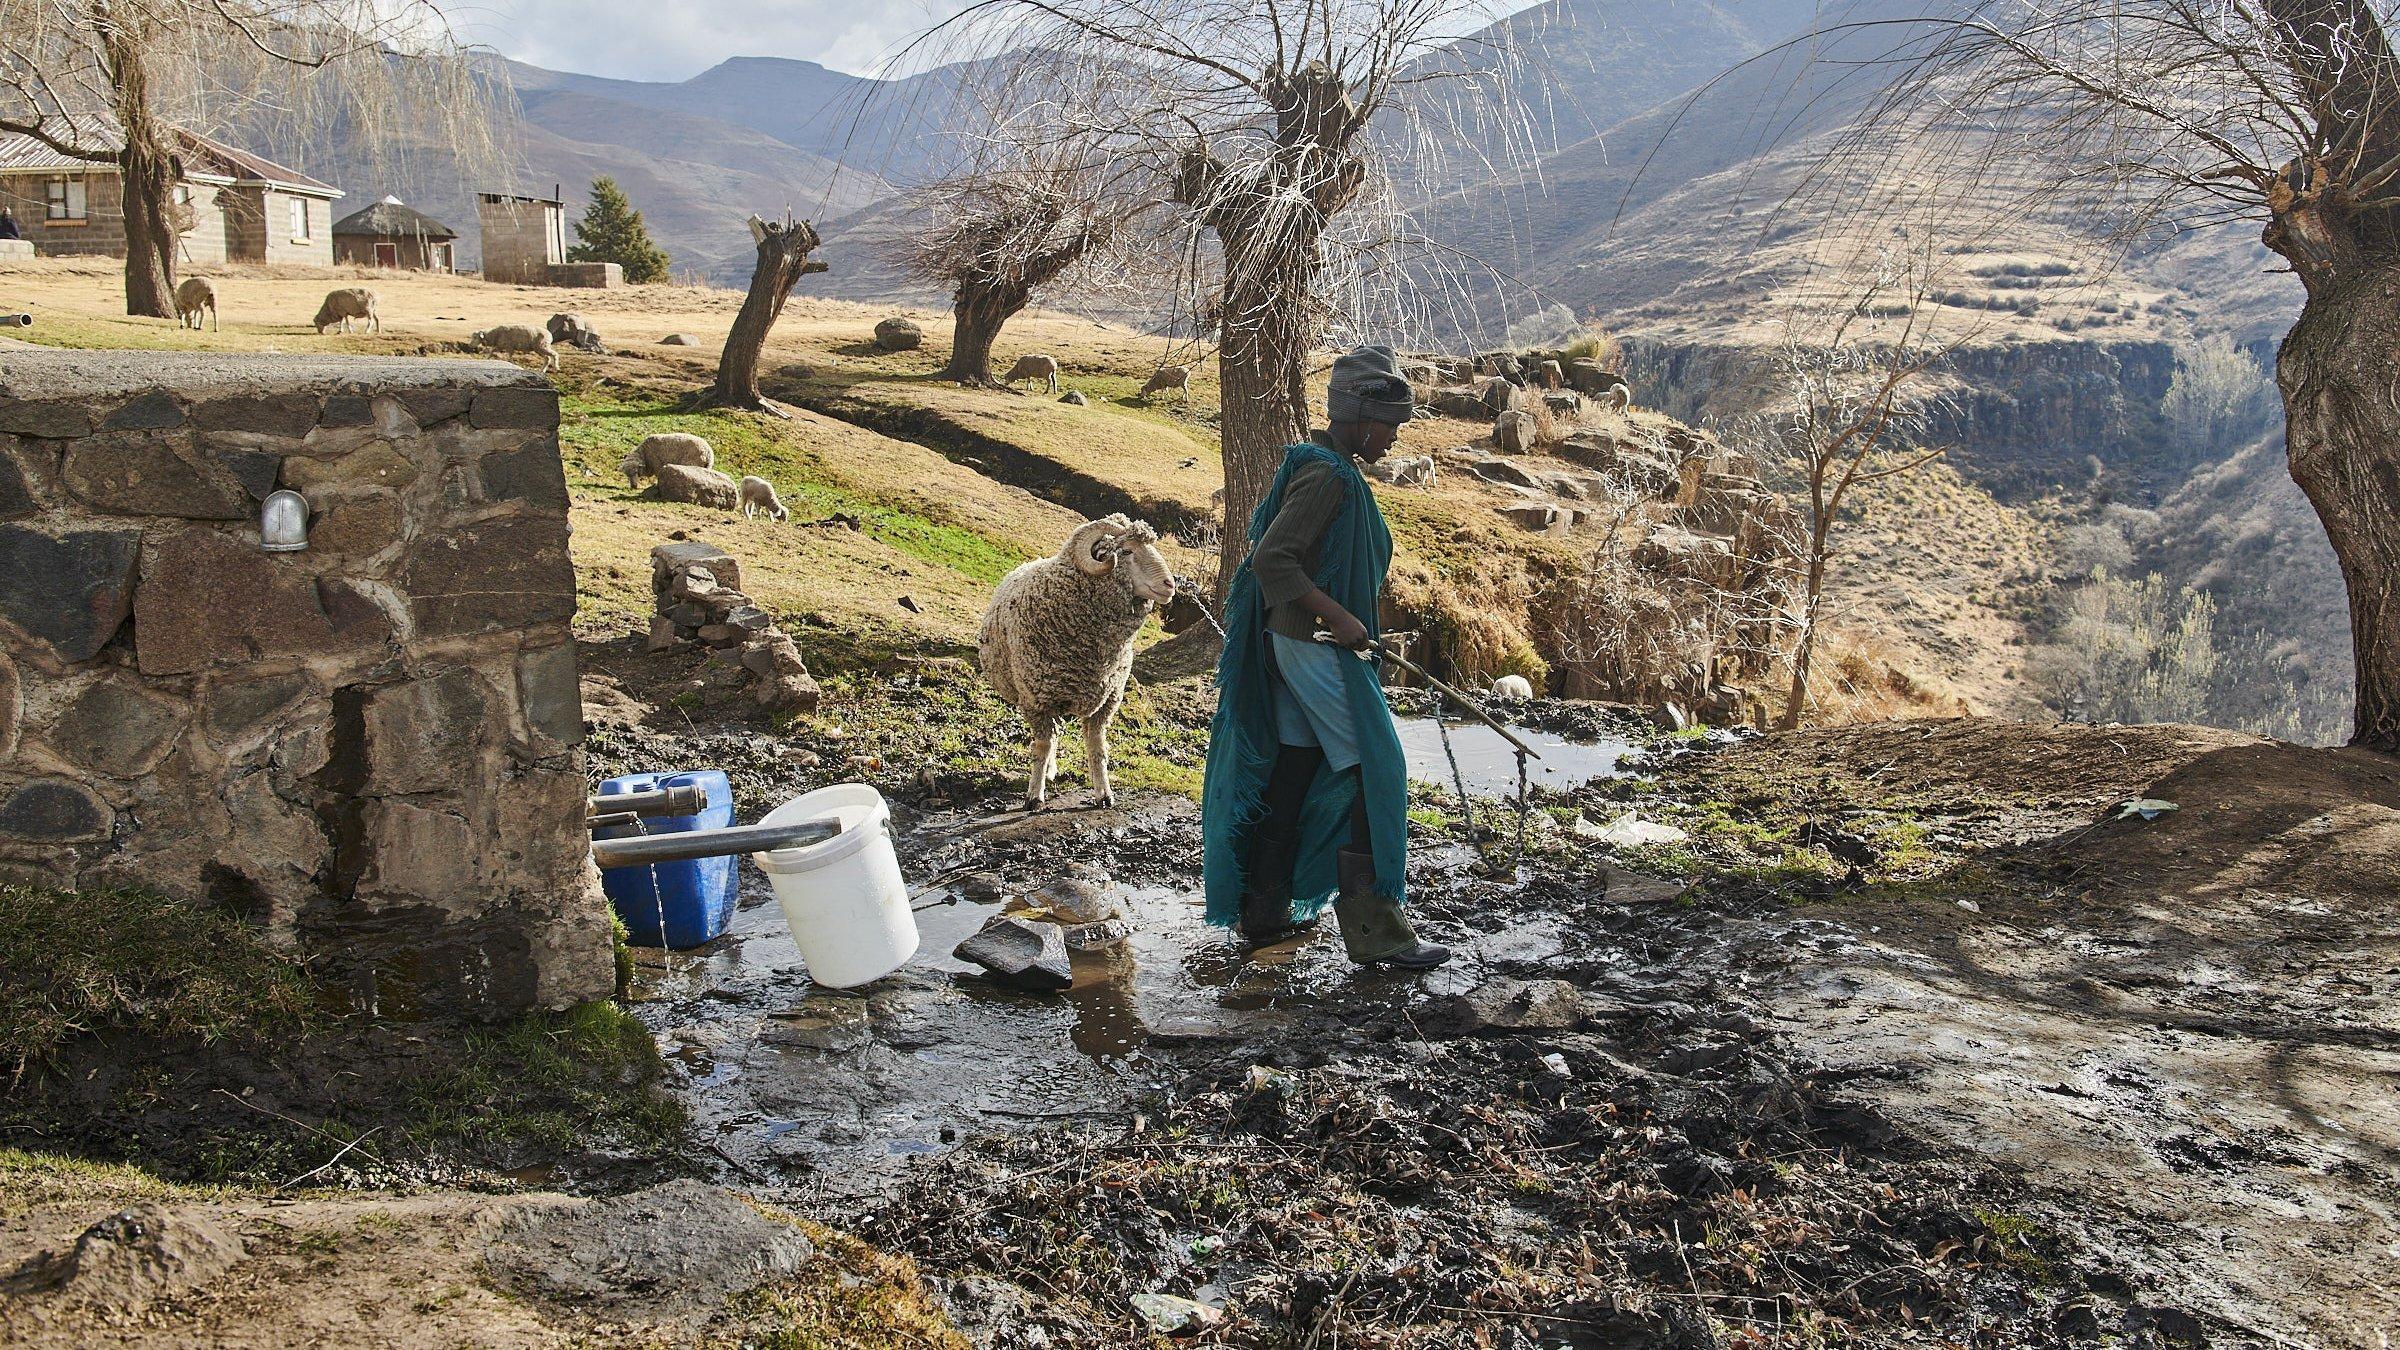 In den Bergen im Hochland von Lesotho steht ein Hirtenjunge mit seinem Schaf vor einer Wasserquelle